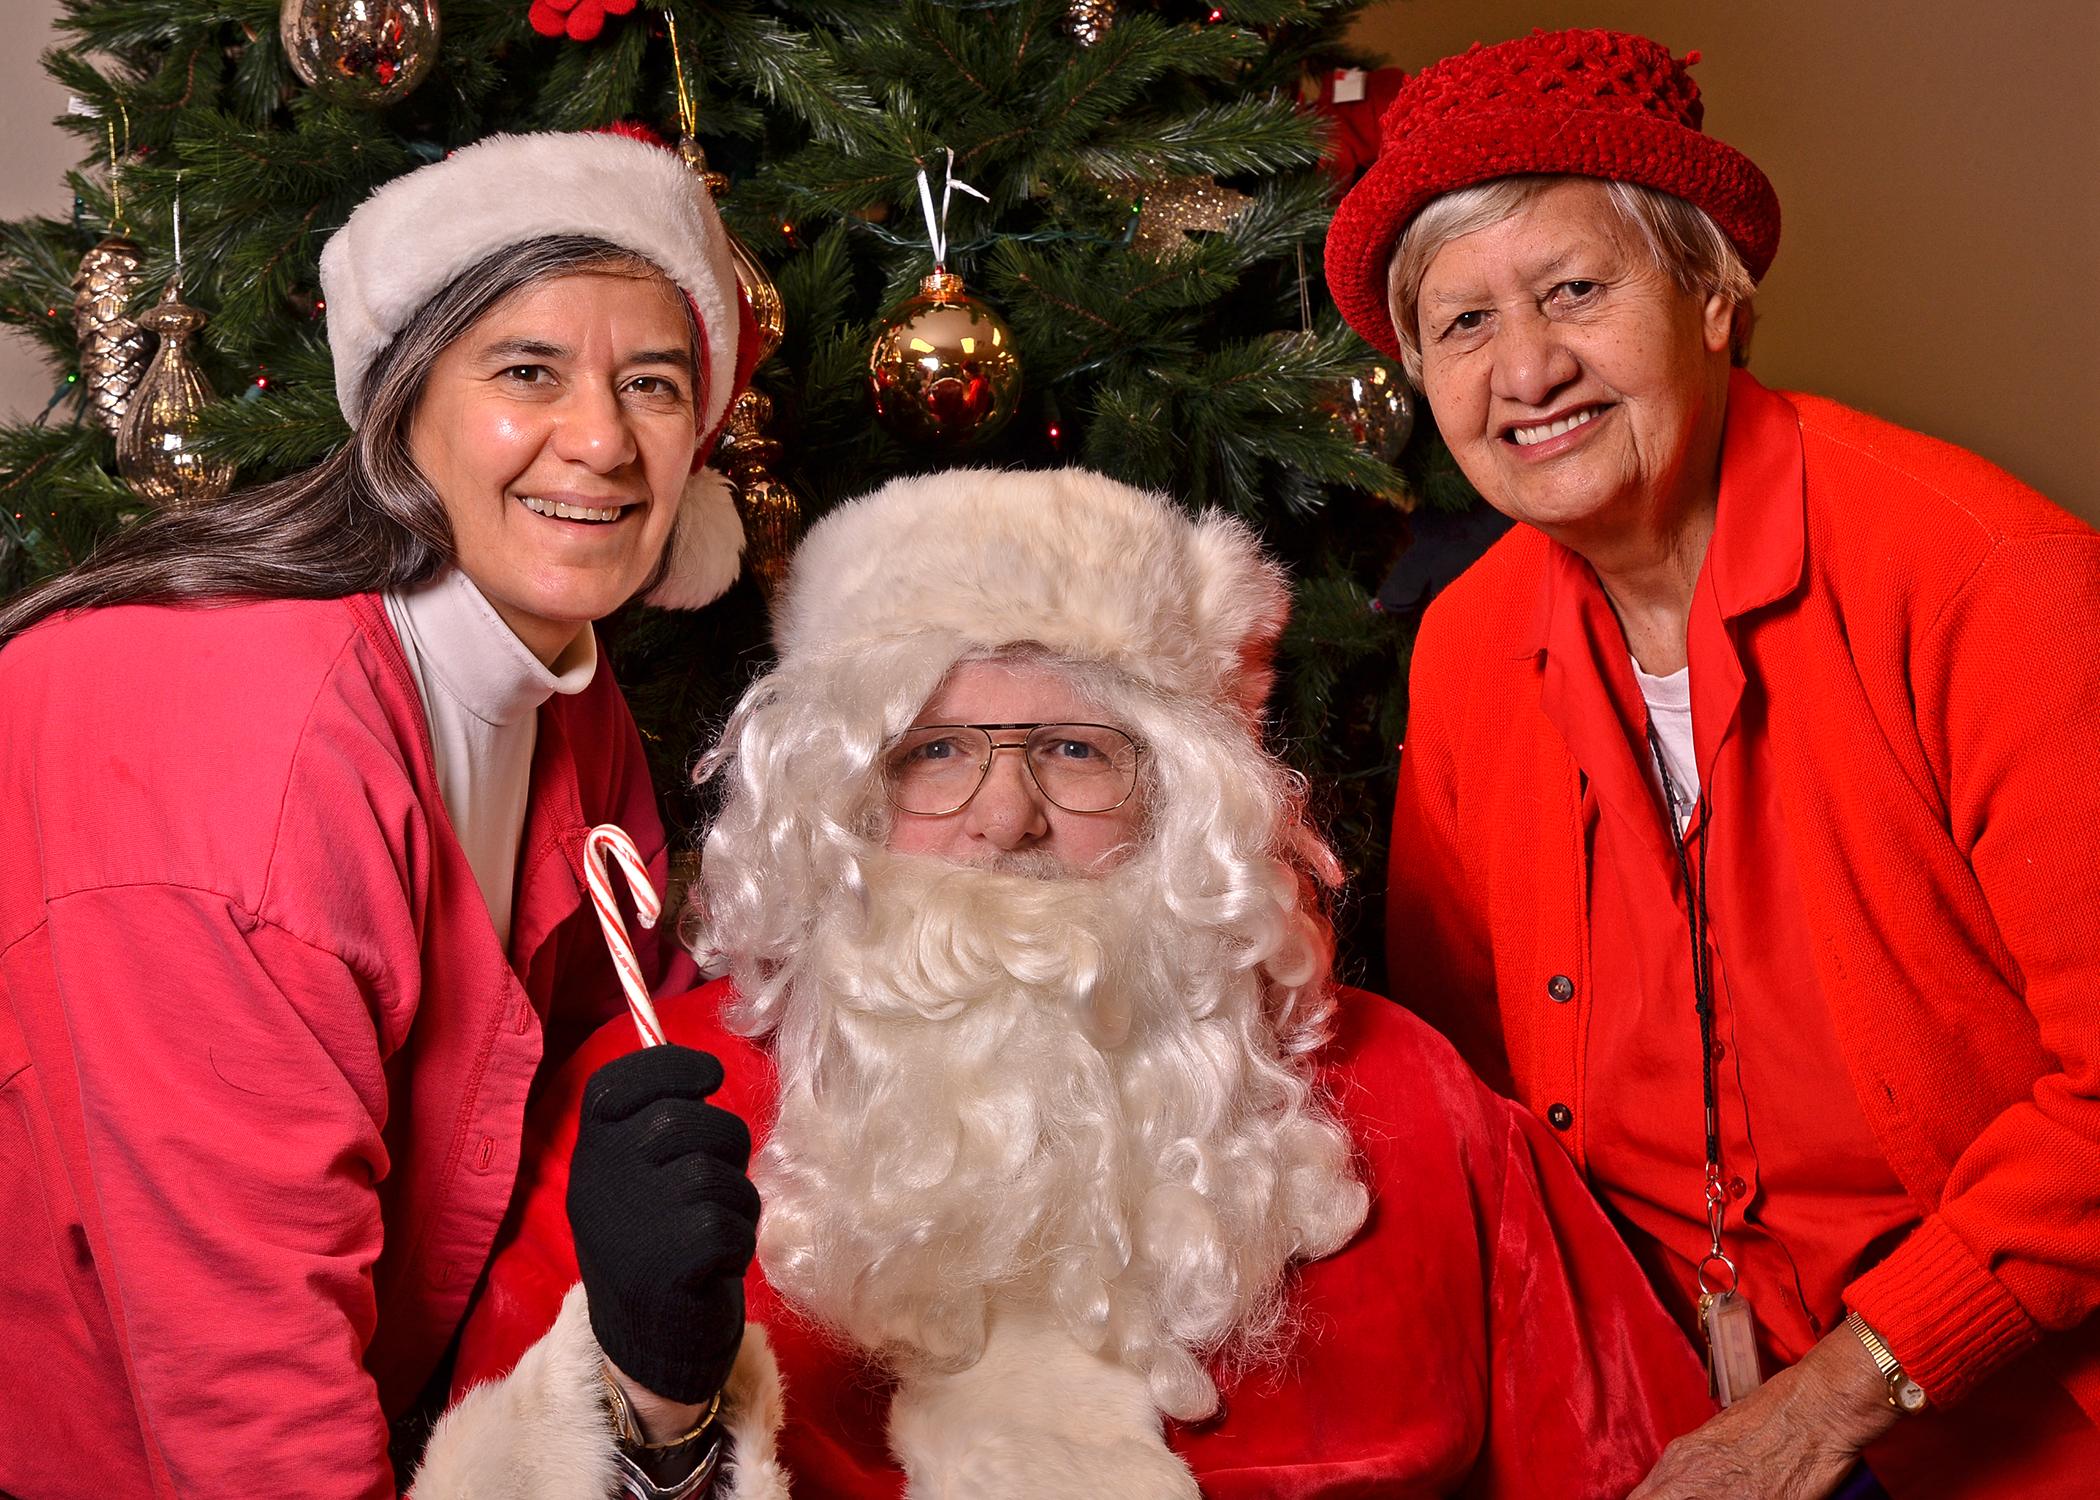 Jenny _ Sally with Santa.JPG